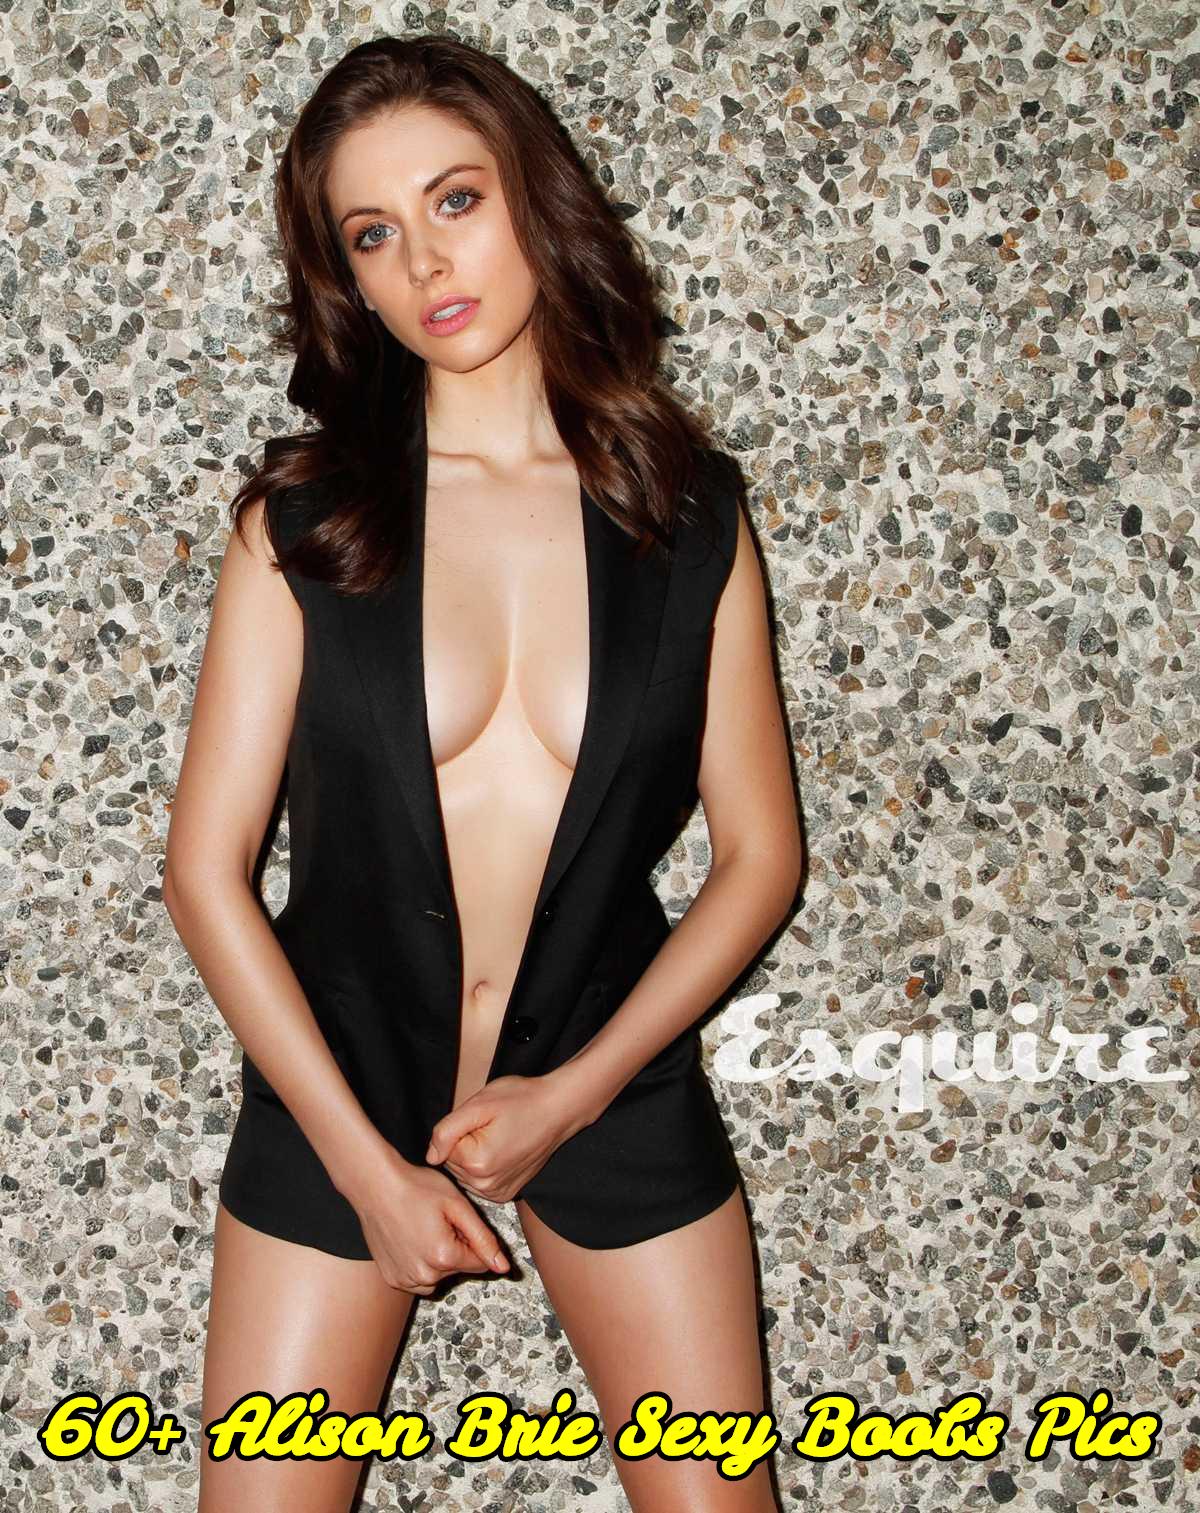 Alison Brie sexy boobs pics